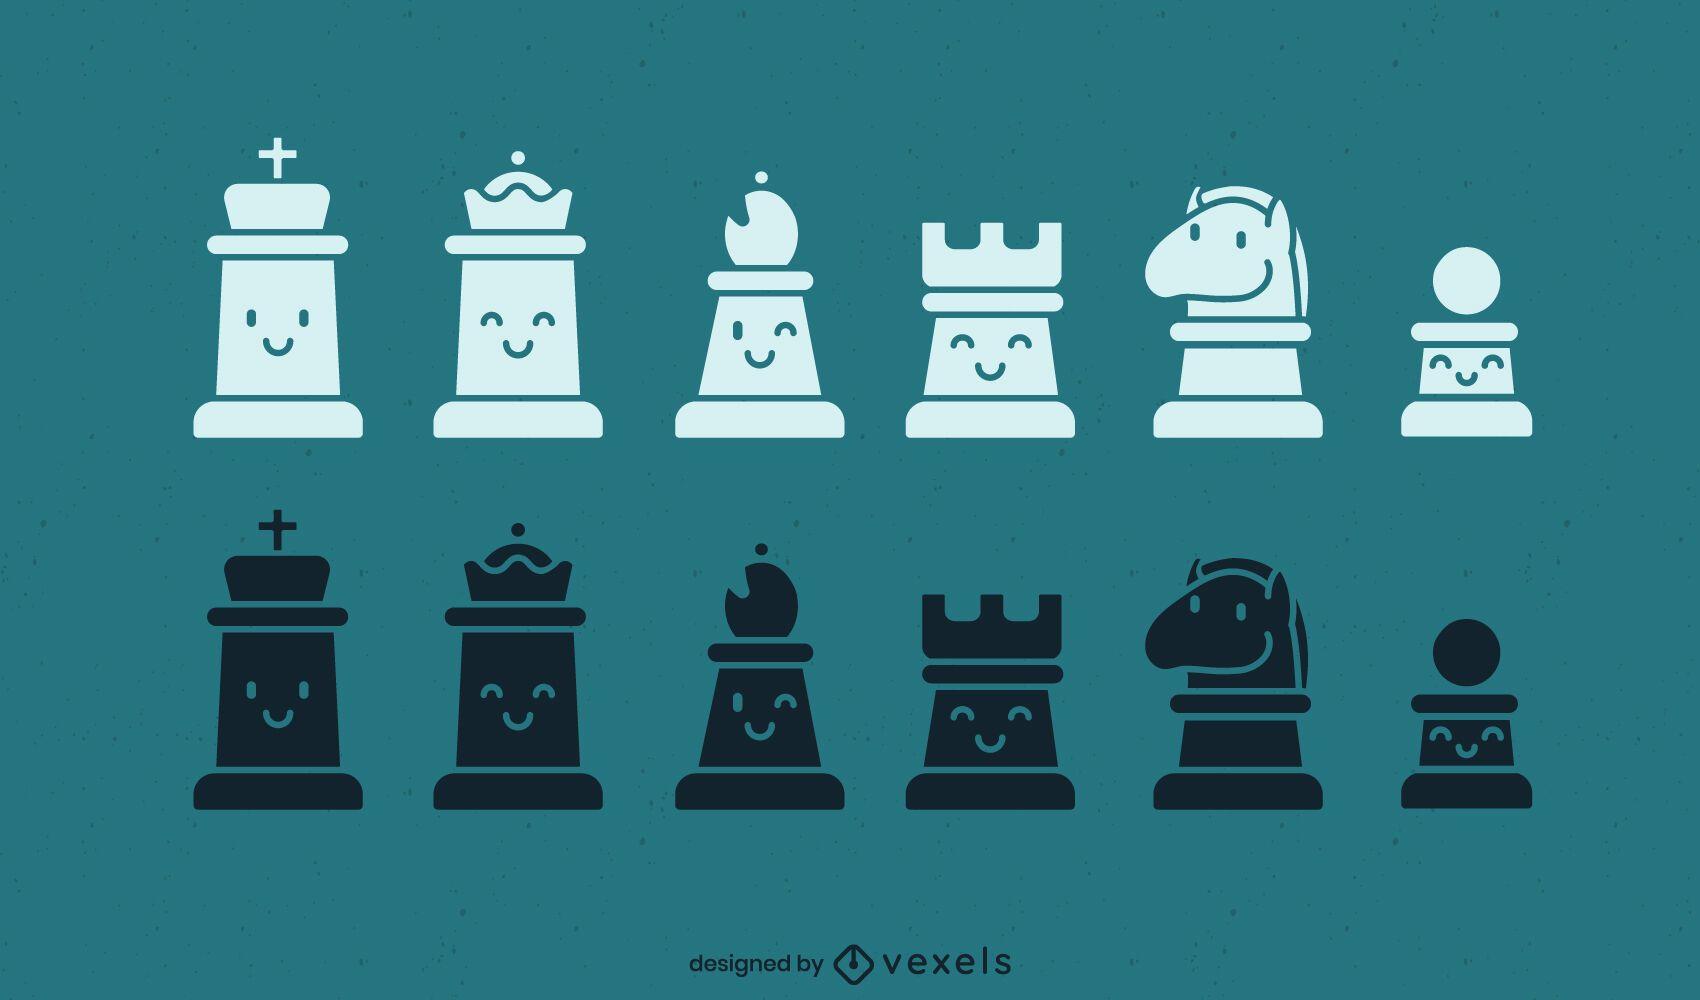 Juego de piezas de ajedrez kawaii recortadas